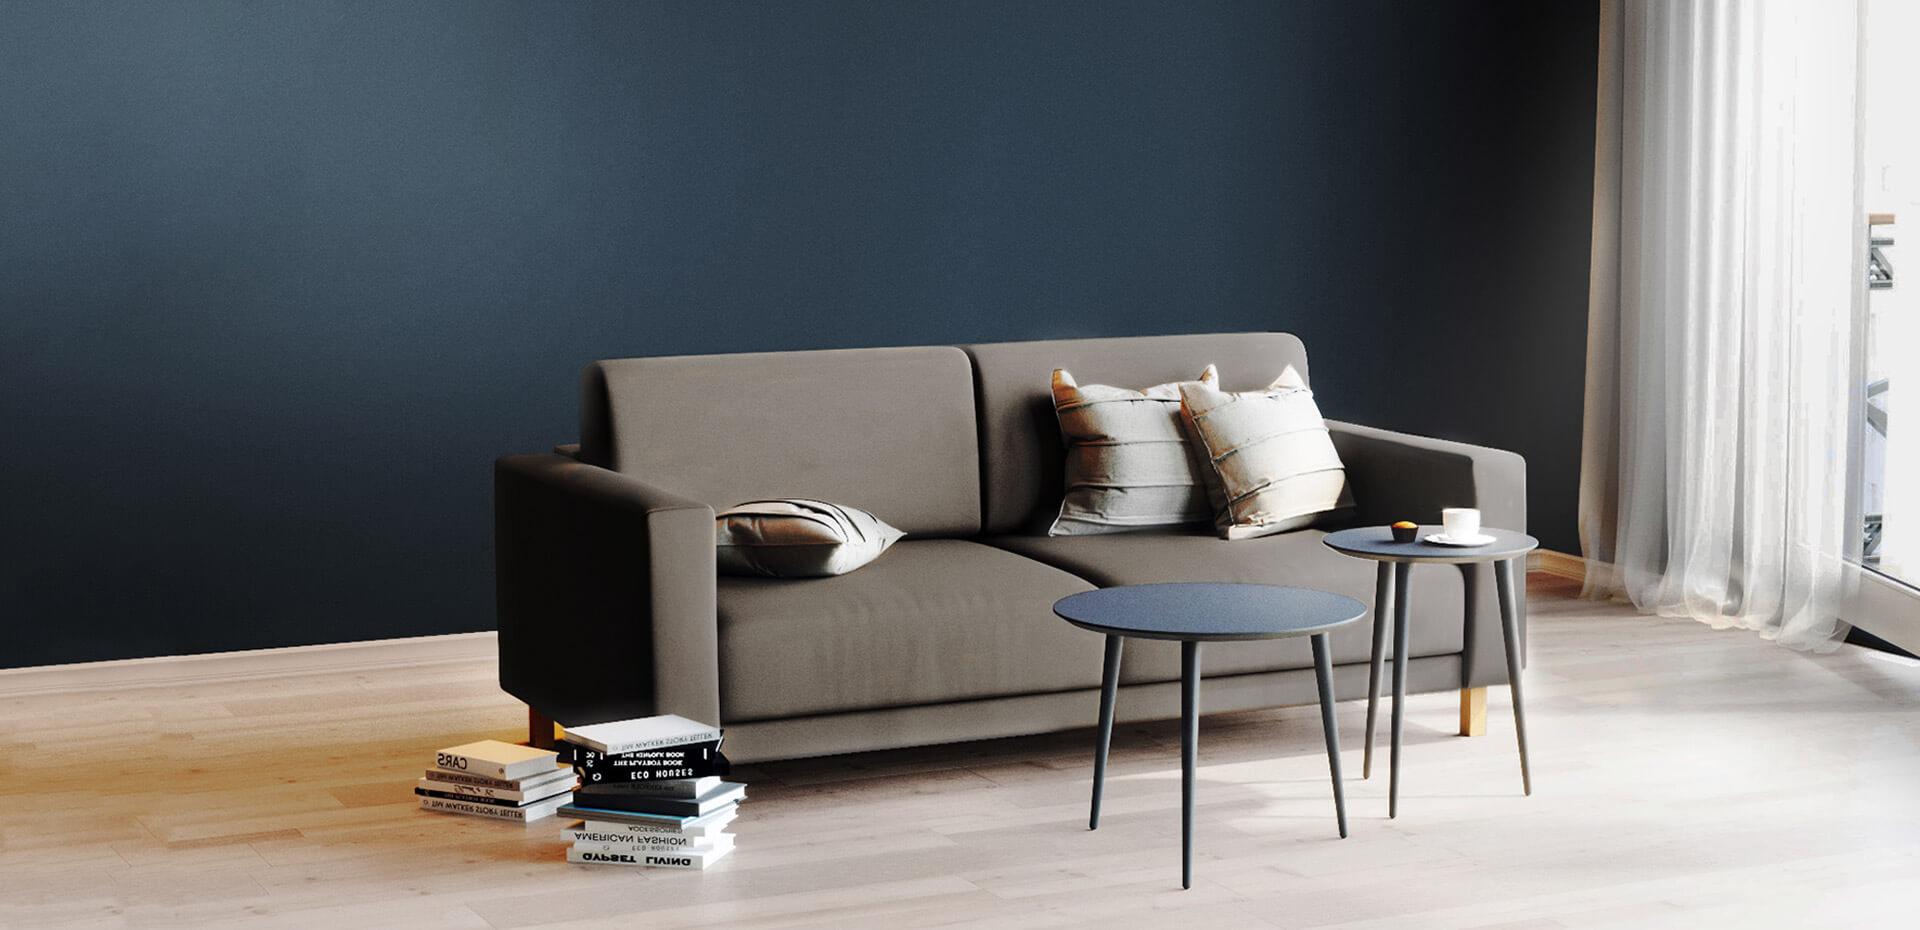 2 sitzer sofa individuell gestalten sofas bei mycs schweiz. Black Bedroom Furniture Sets. Home Design Ideas